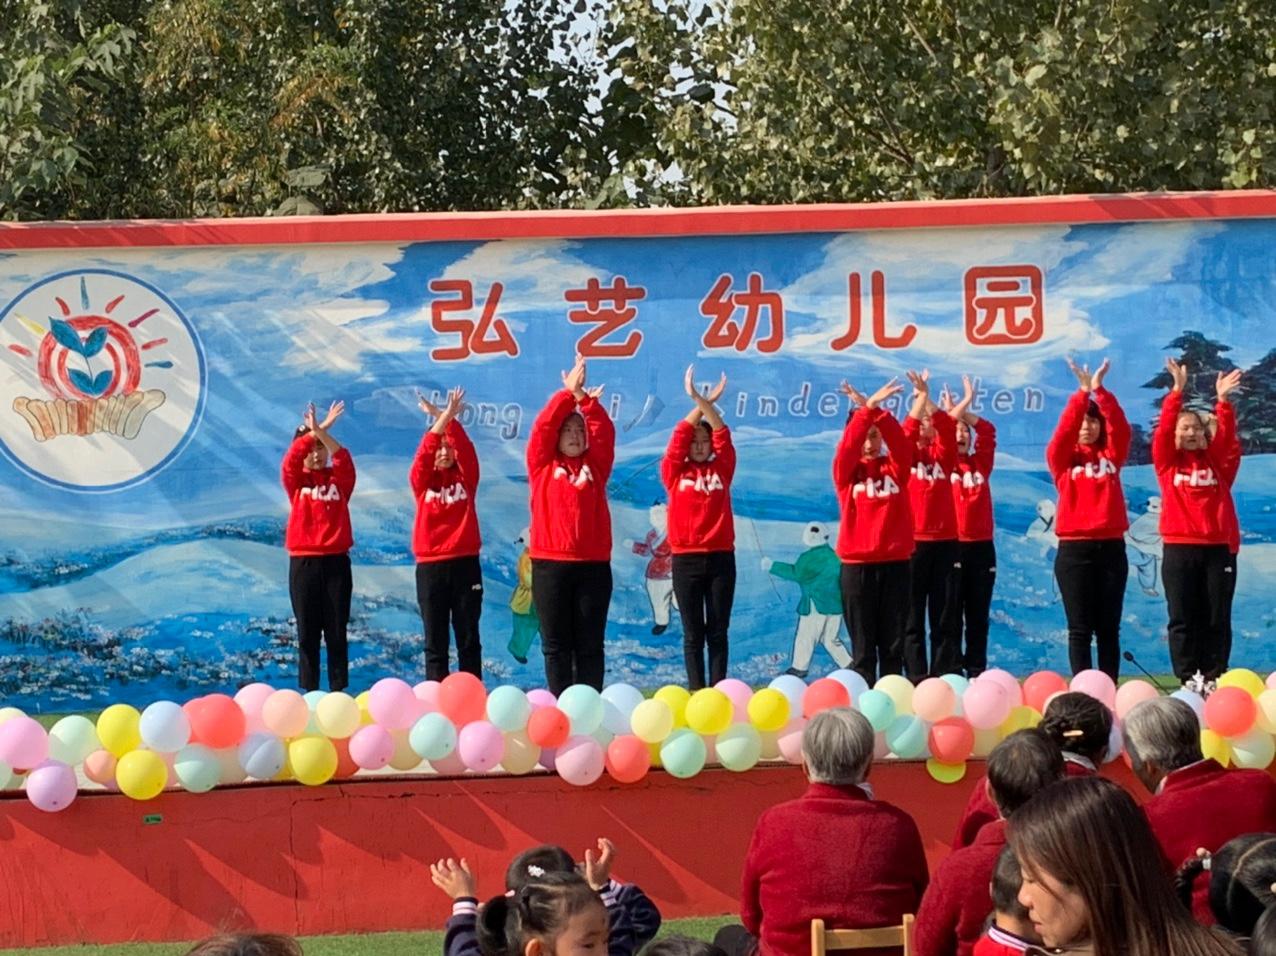 重阳节幼儿园小朋友送出祝福